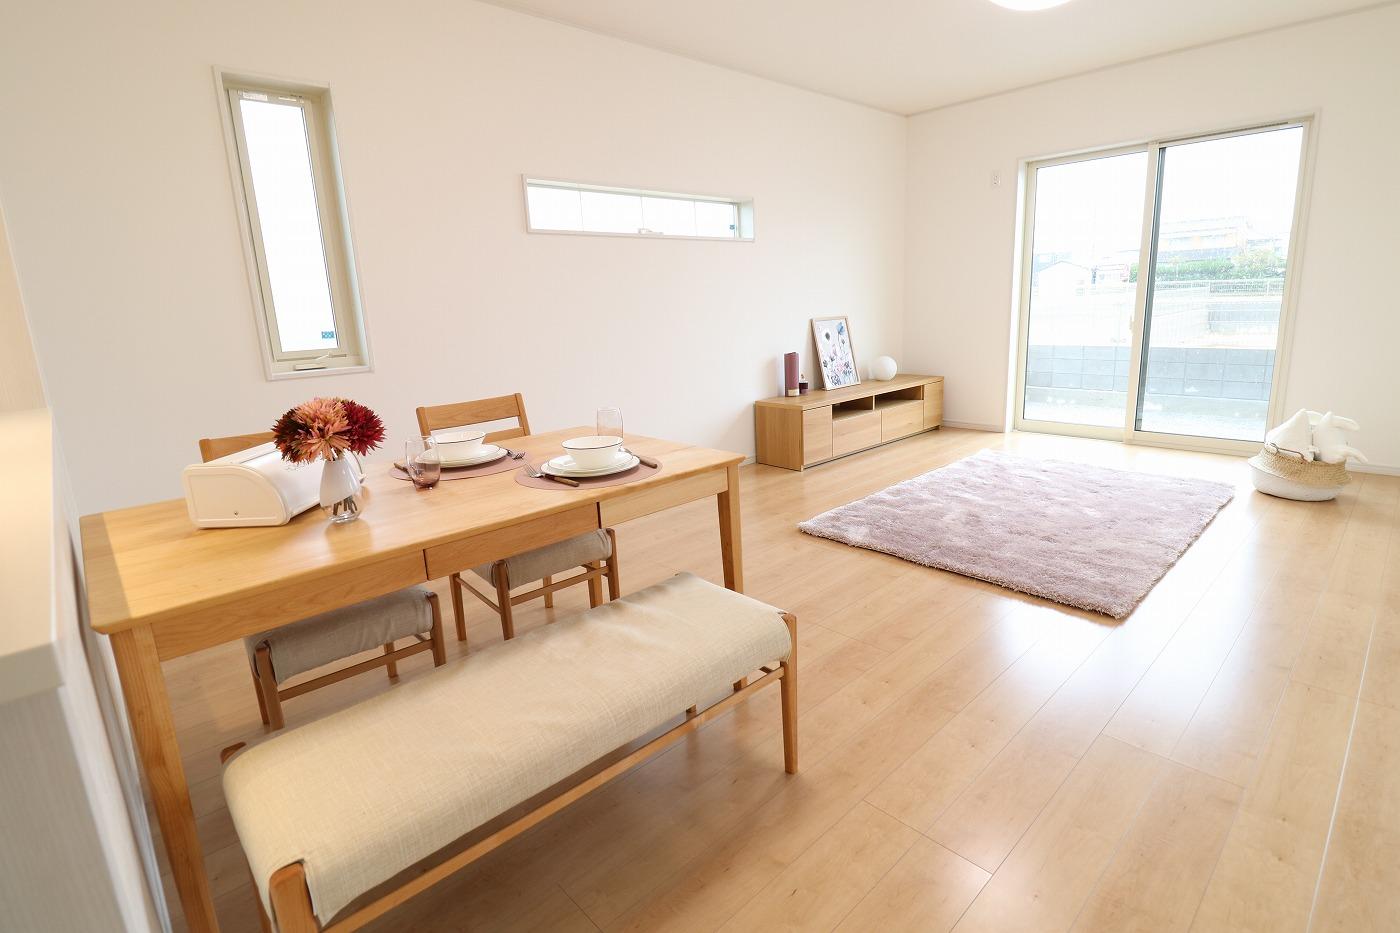 高松市林町の新築建売住宅のLDK